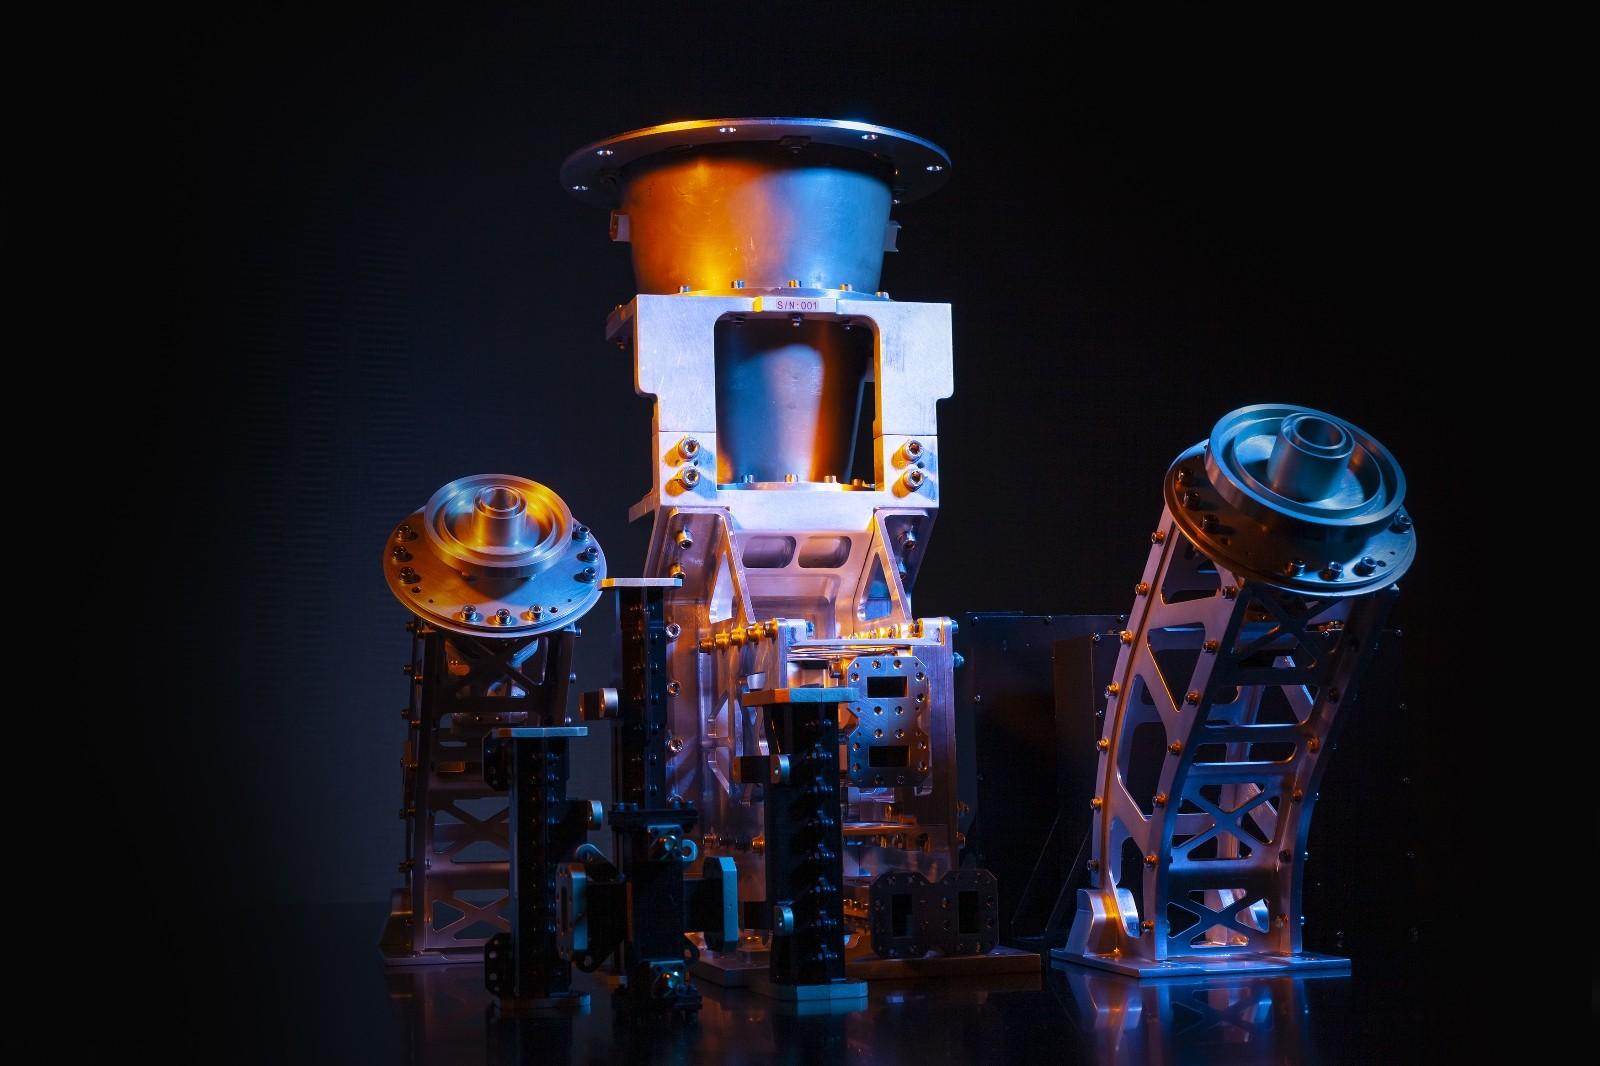 CTech Bilişim'den uzay alanında önemli ihracat adımı